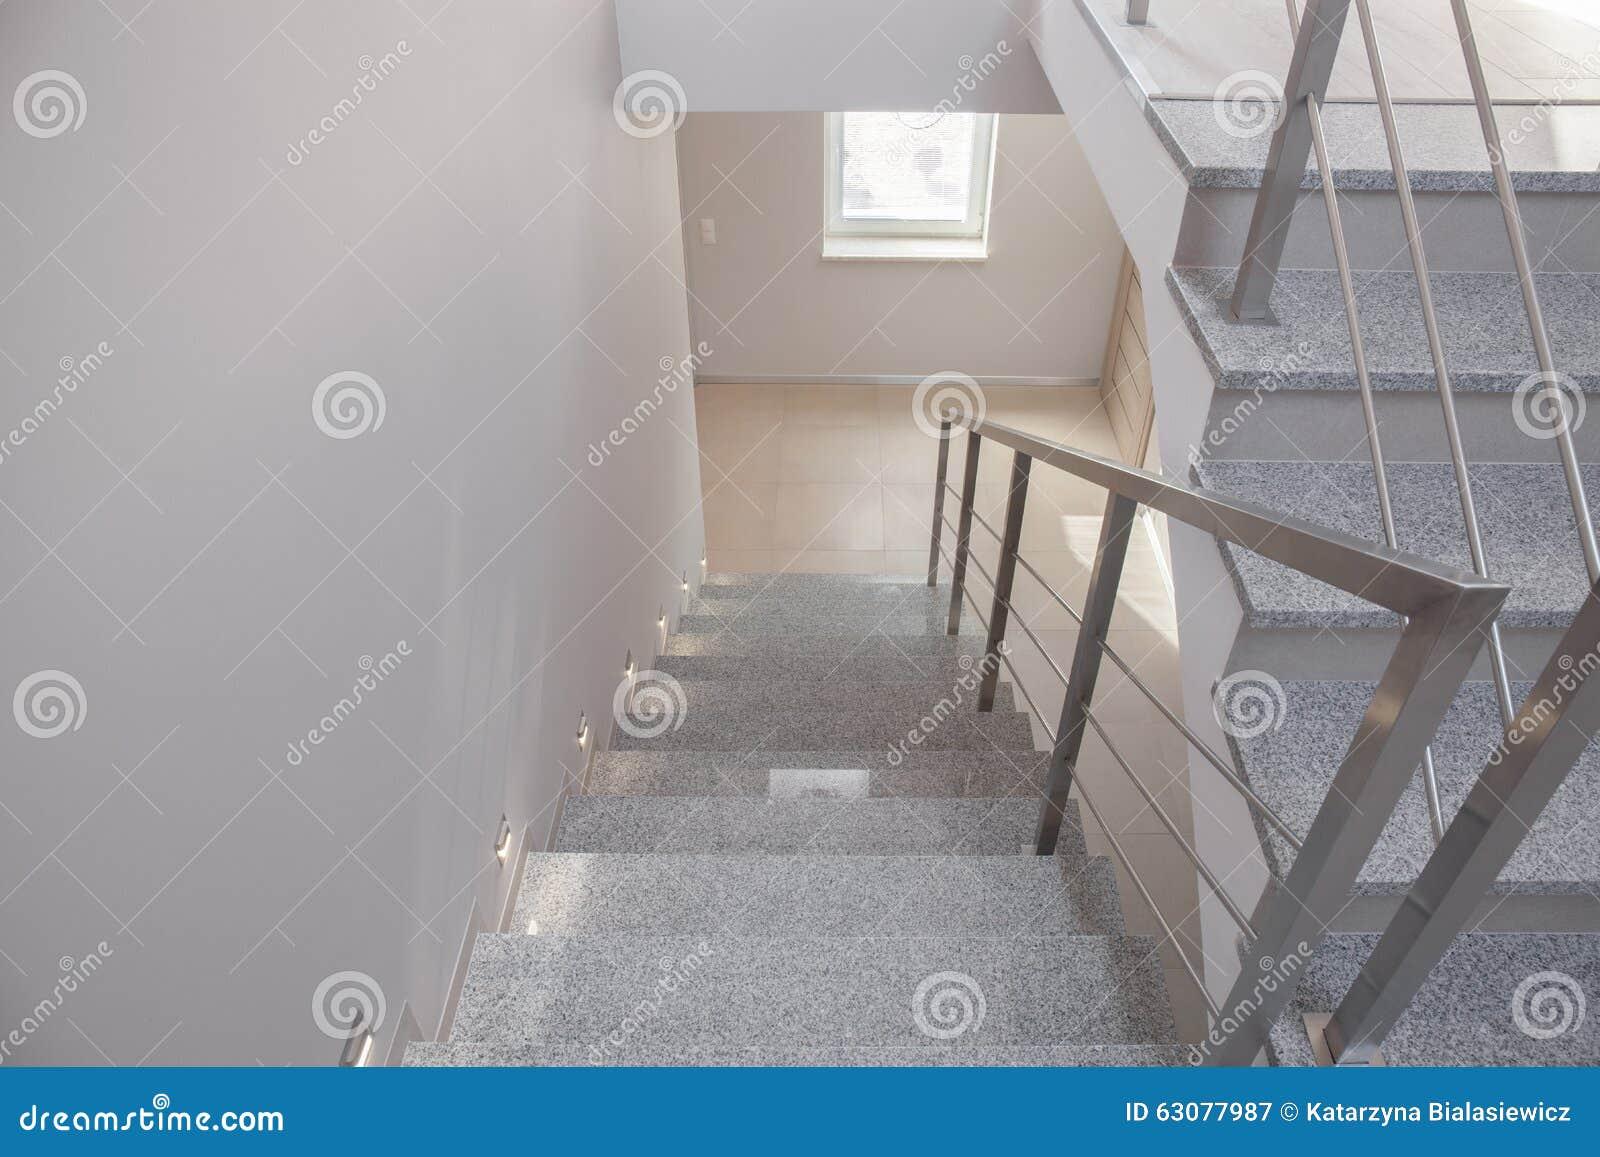 Download Escalier Vide Dans La Maison Isolée Image stock - Image du isolé, vestibule: 63077987